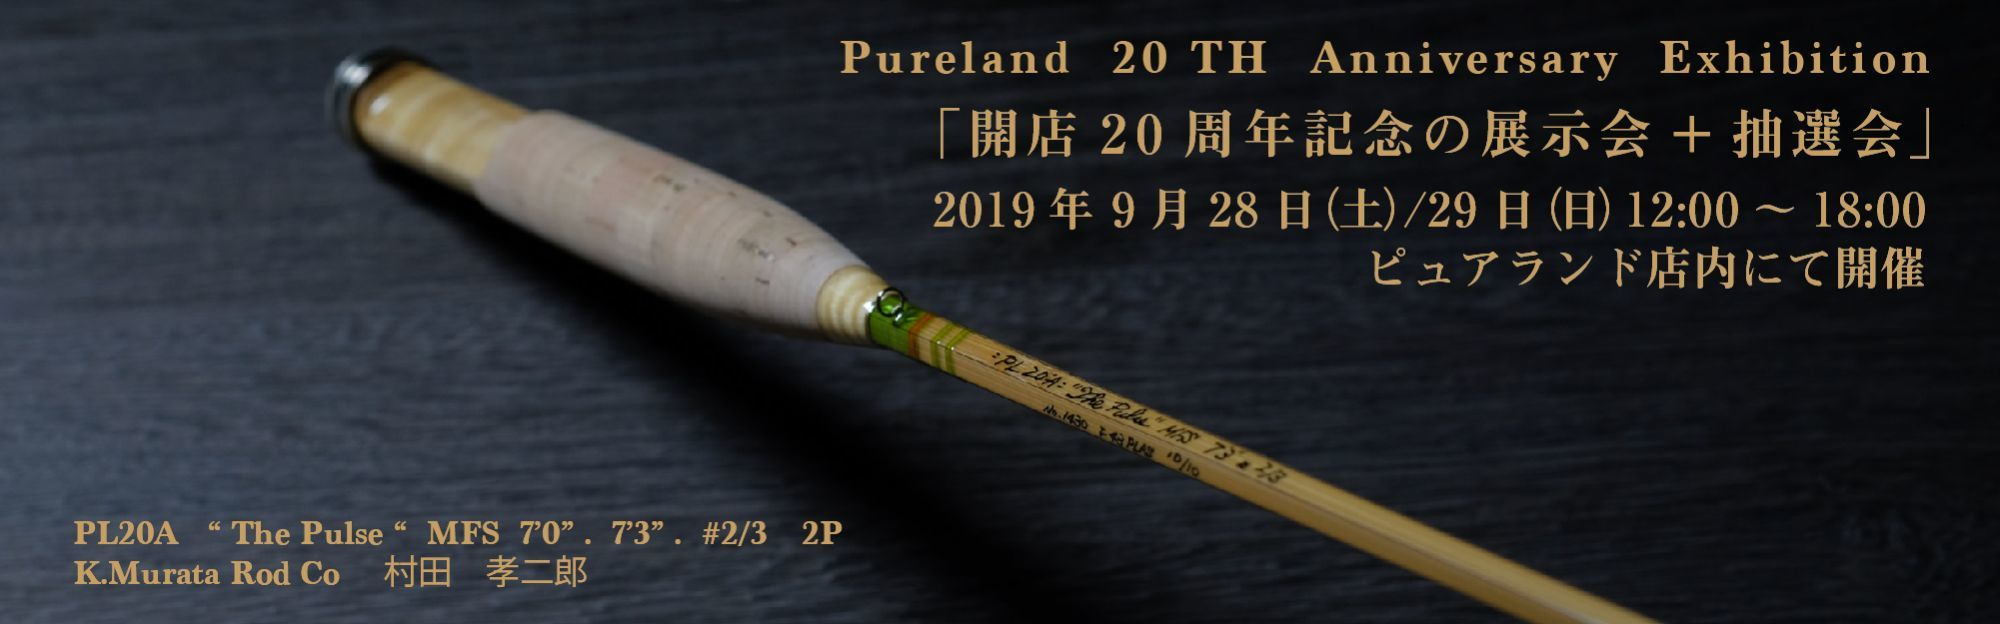 ピュアランド20周年イベント